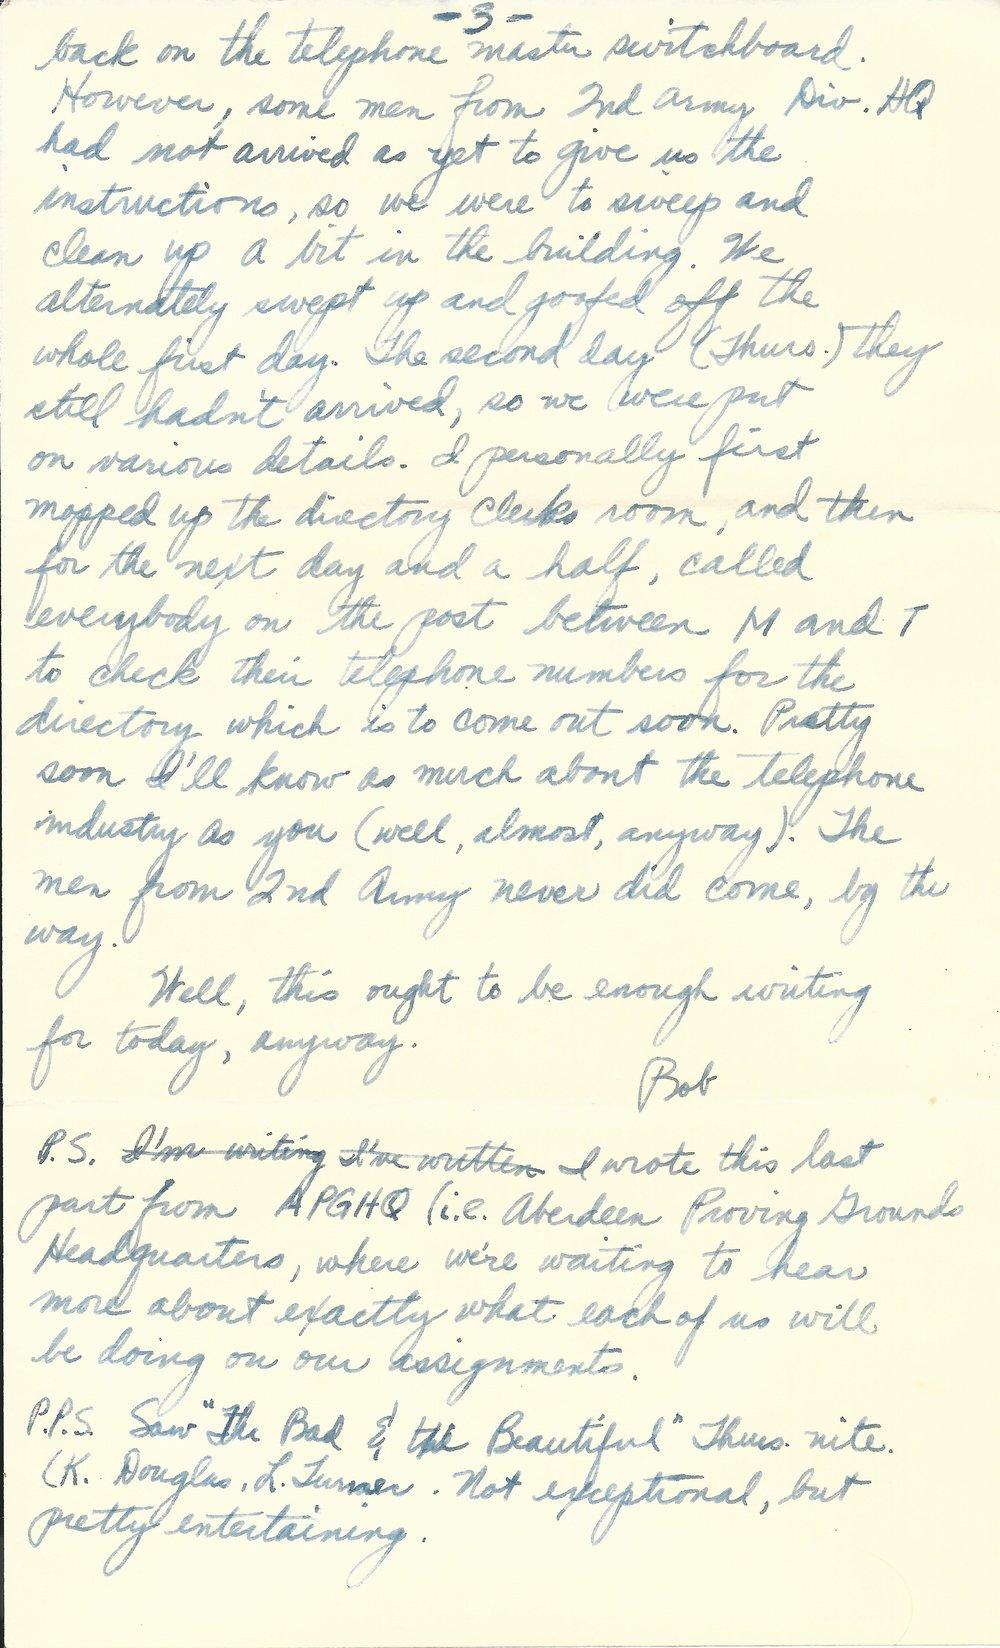 6. Jan. 12, 1953 (Opa)_Page_6.jpg